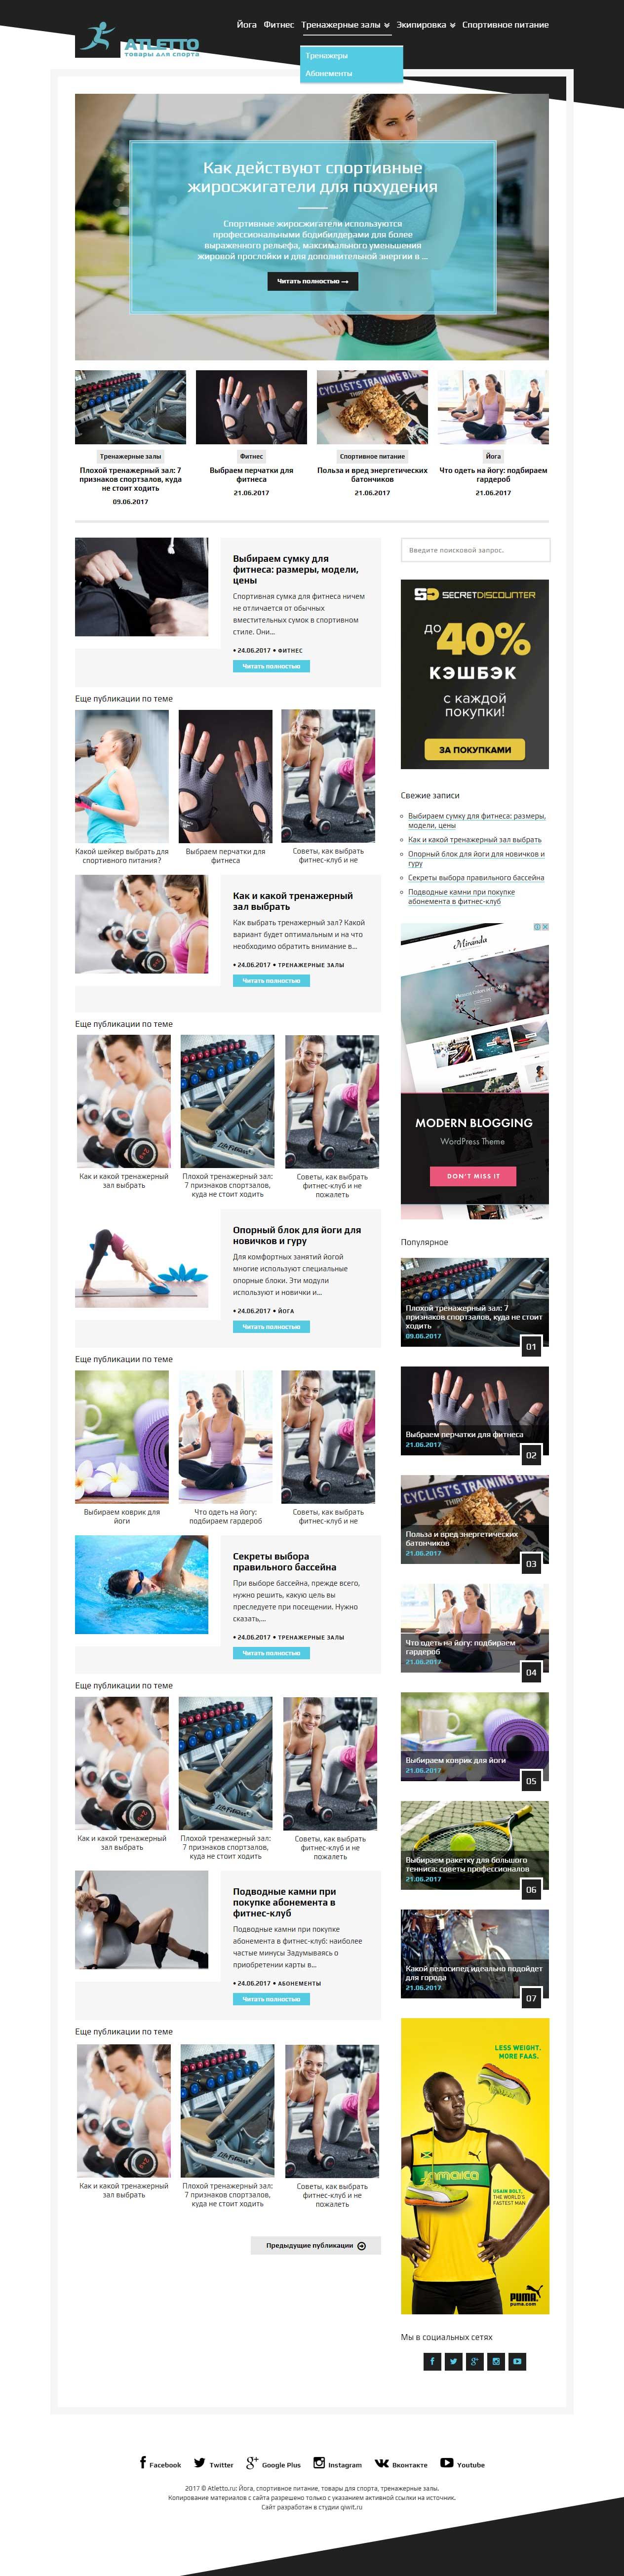 сайт для заработка тематики спортивные товары - создание